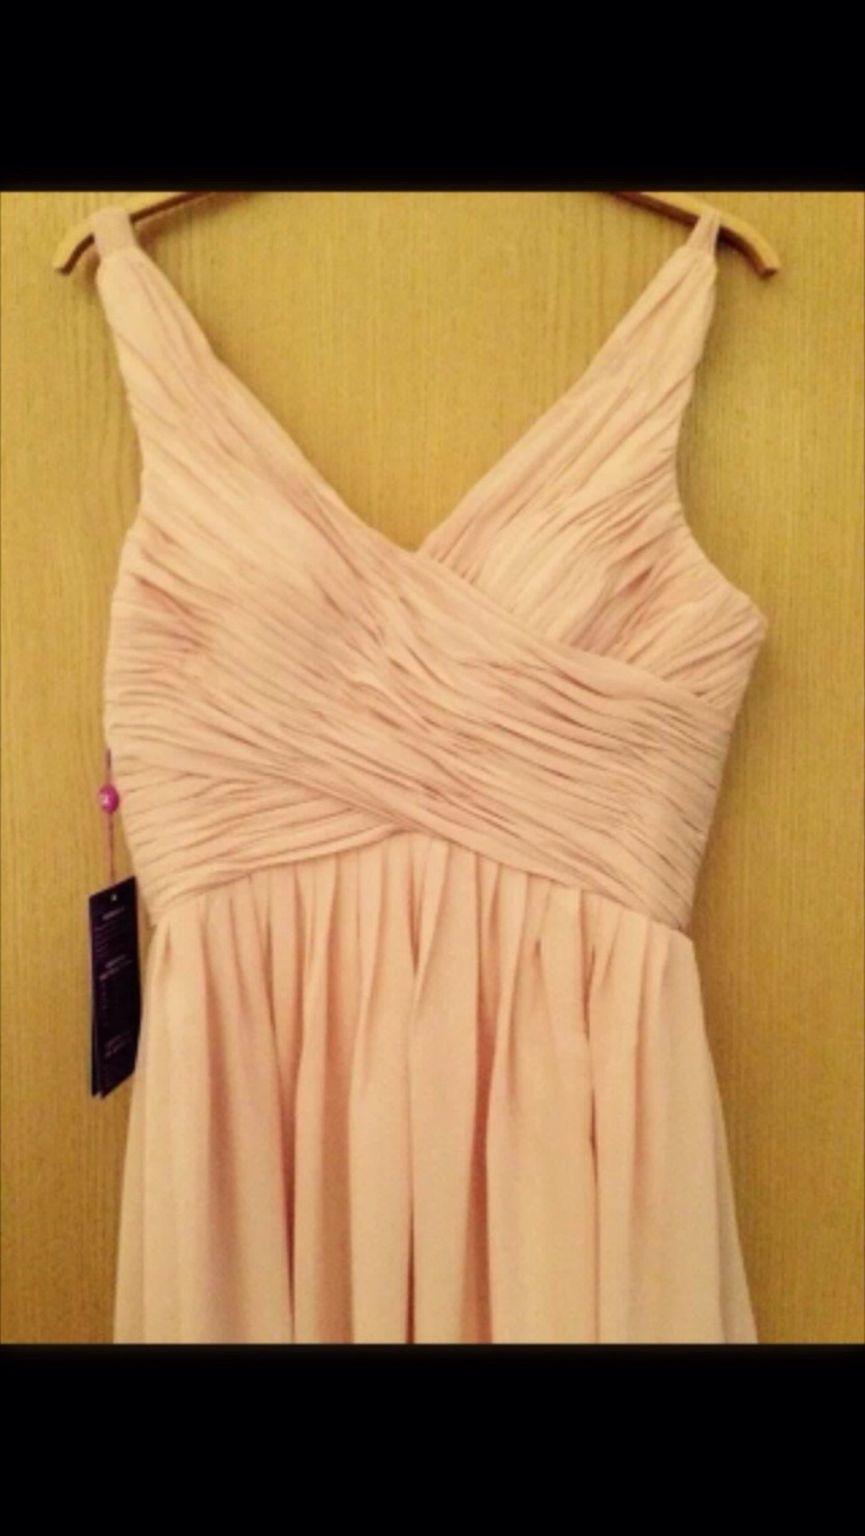 20 Leicht Lachsfarbenes Kleid für 201915 Luxus Lachsfarbenes Kleid Design